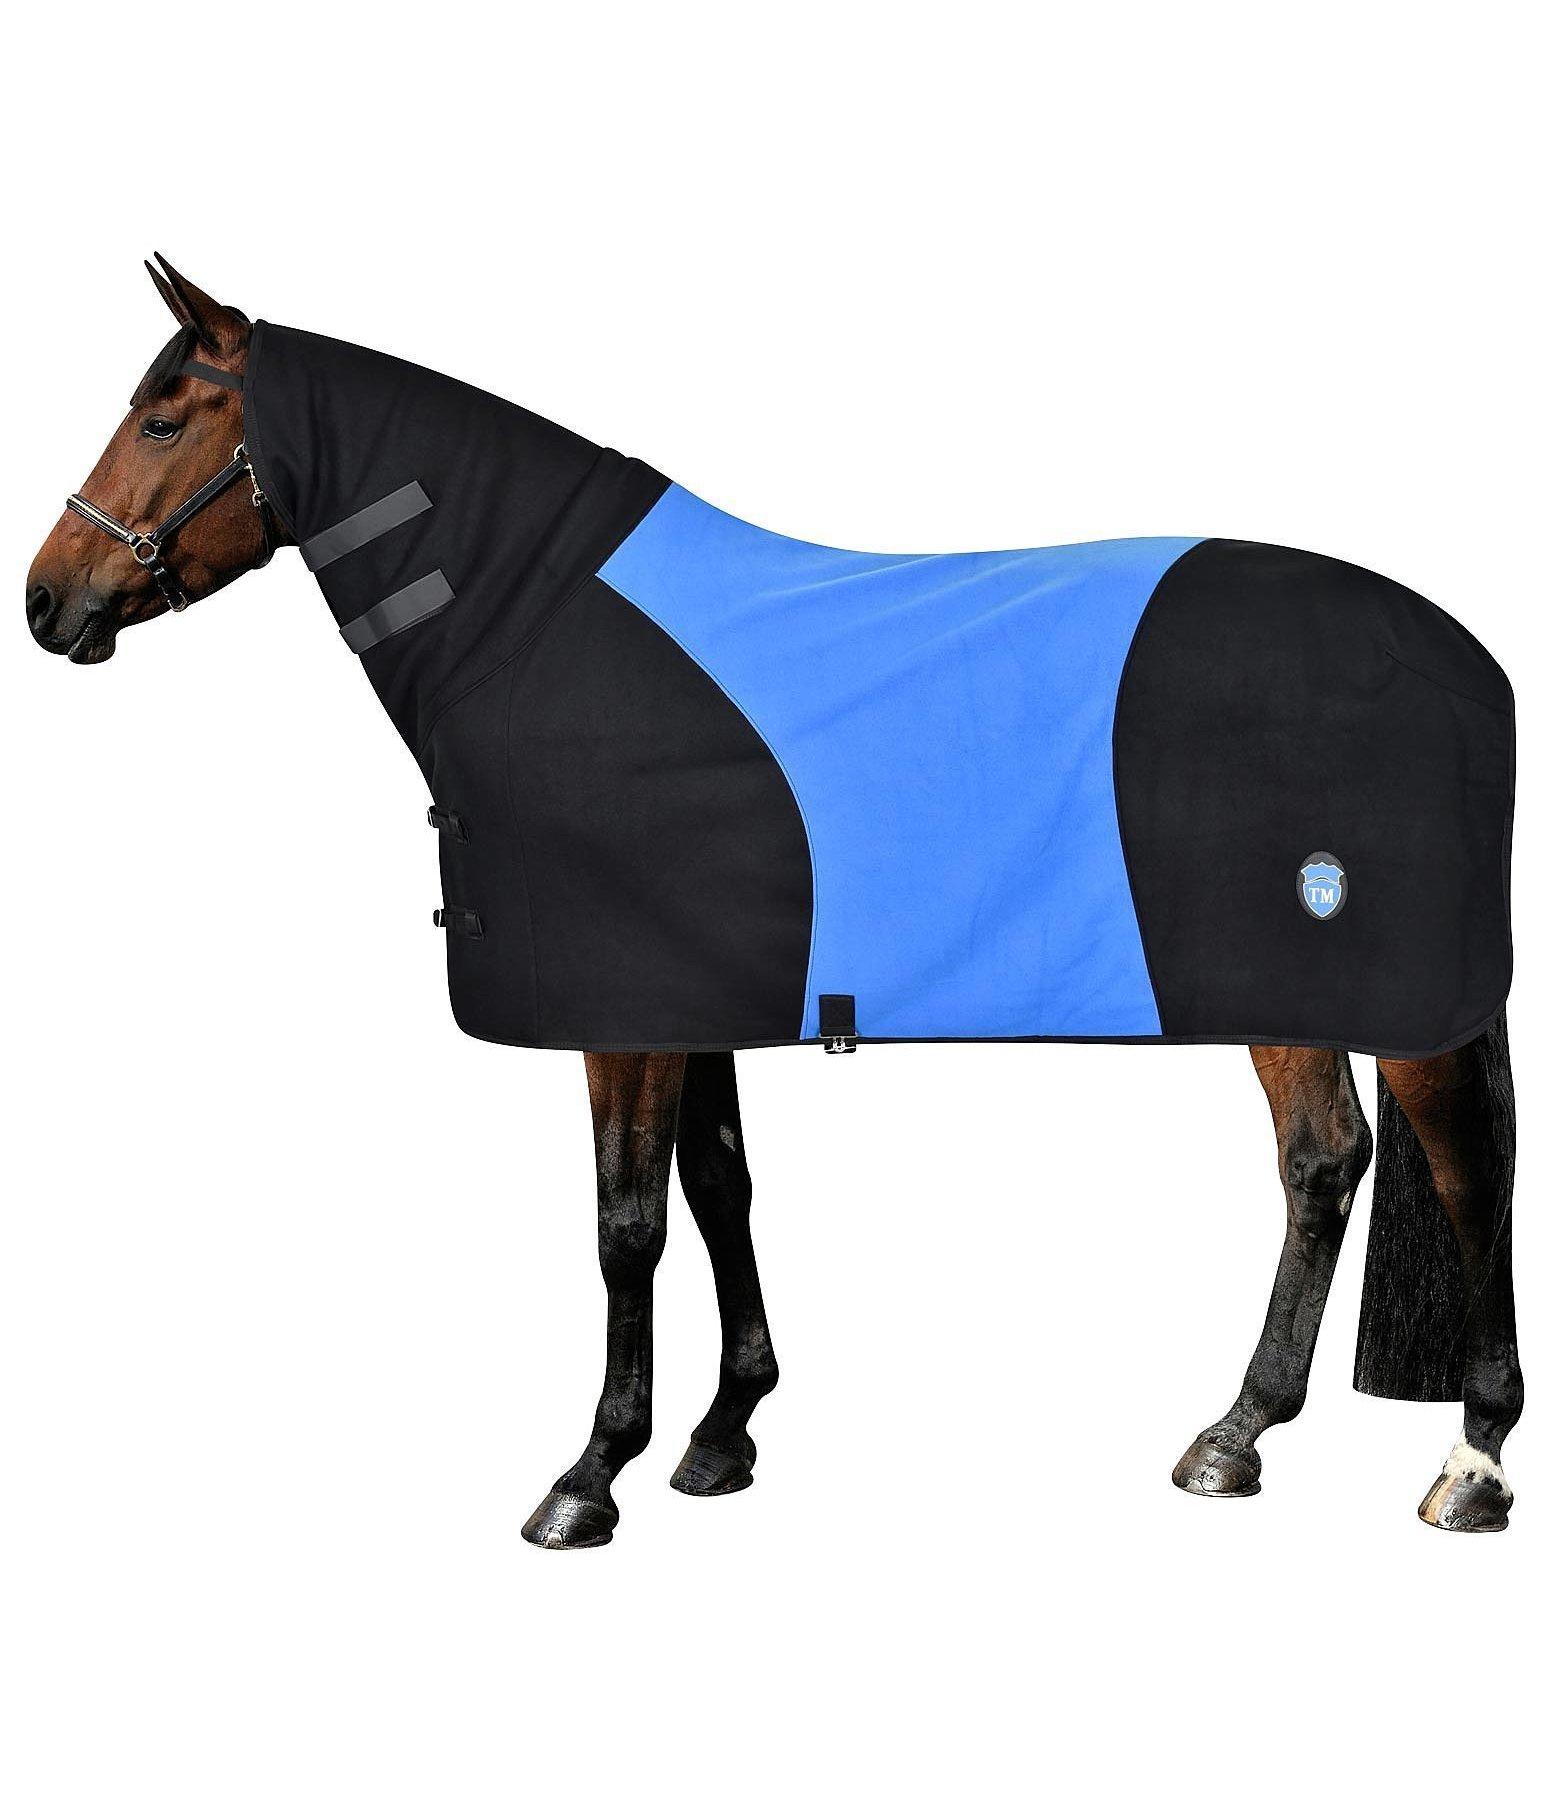 couverture en polaire bicolore combo chemises s chantes kramer equitation. Black Bedroom Furniture Sets. Home Design Ideas